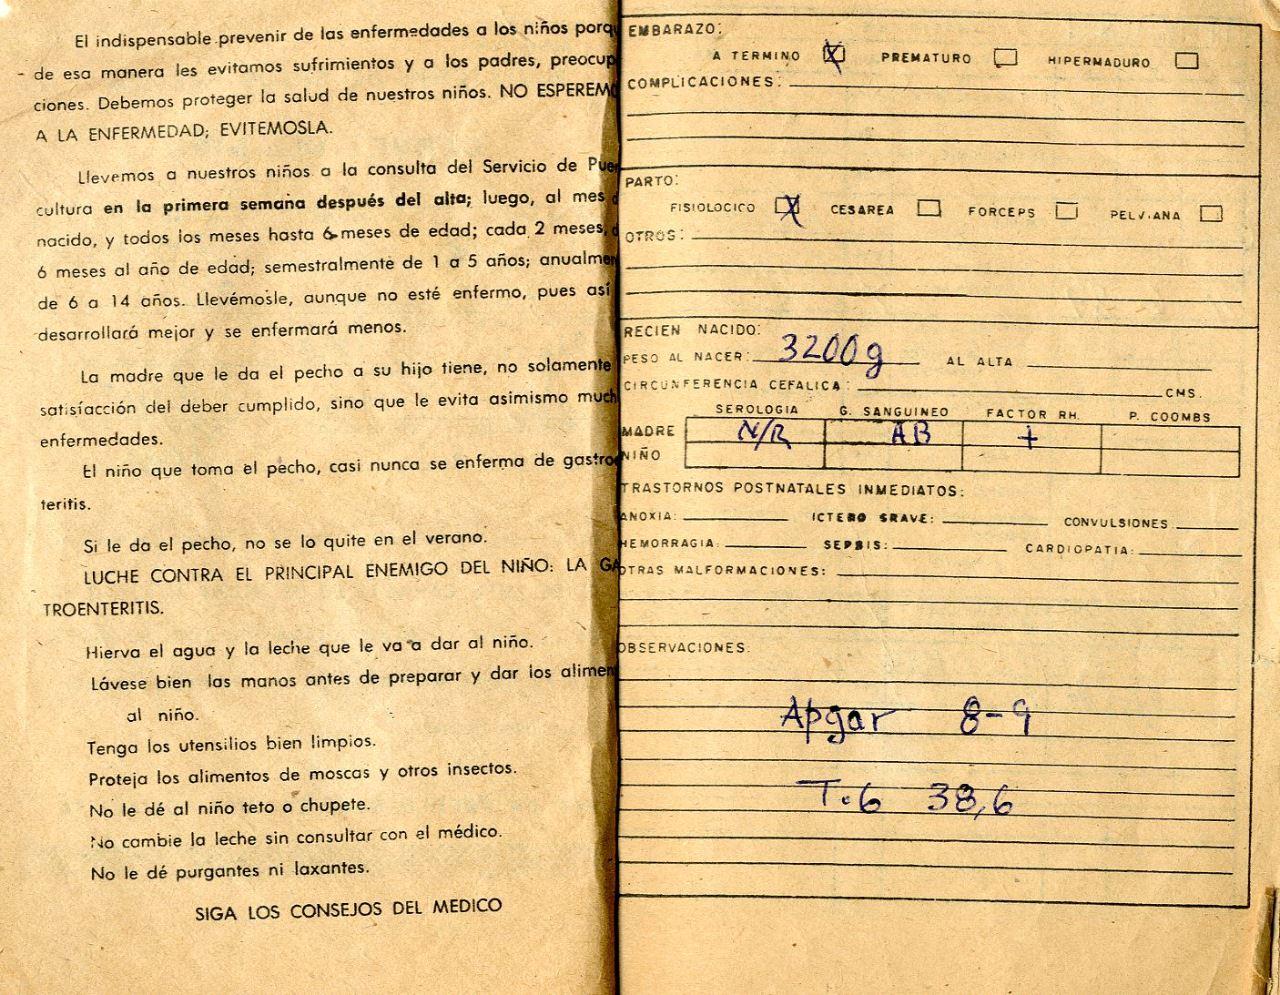 1987. Листы из медицинской карты, выданной в кубинской поликлиники Моа для Леоновой Кристины, рожденной на Кубе, в Моа.